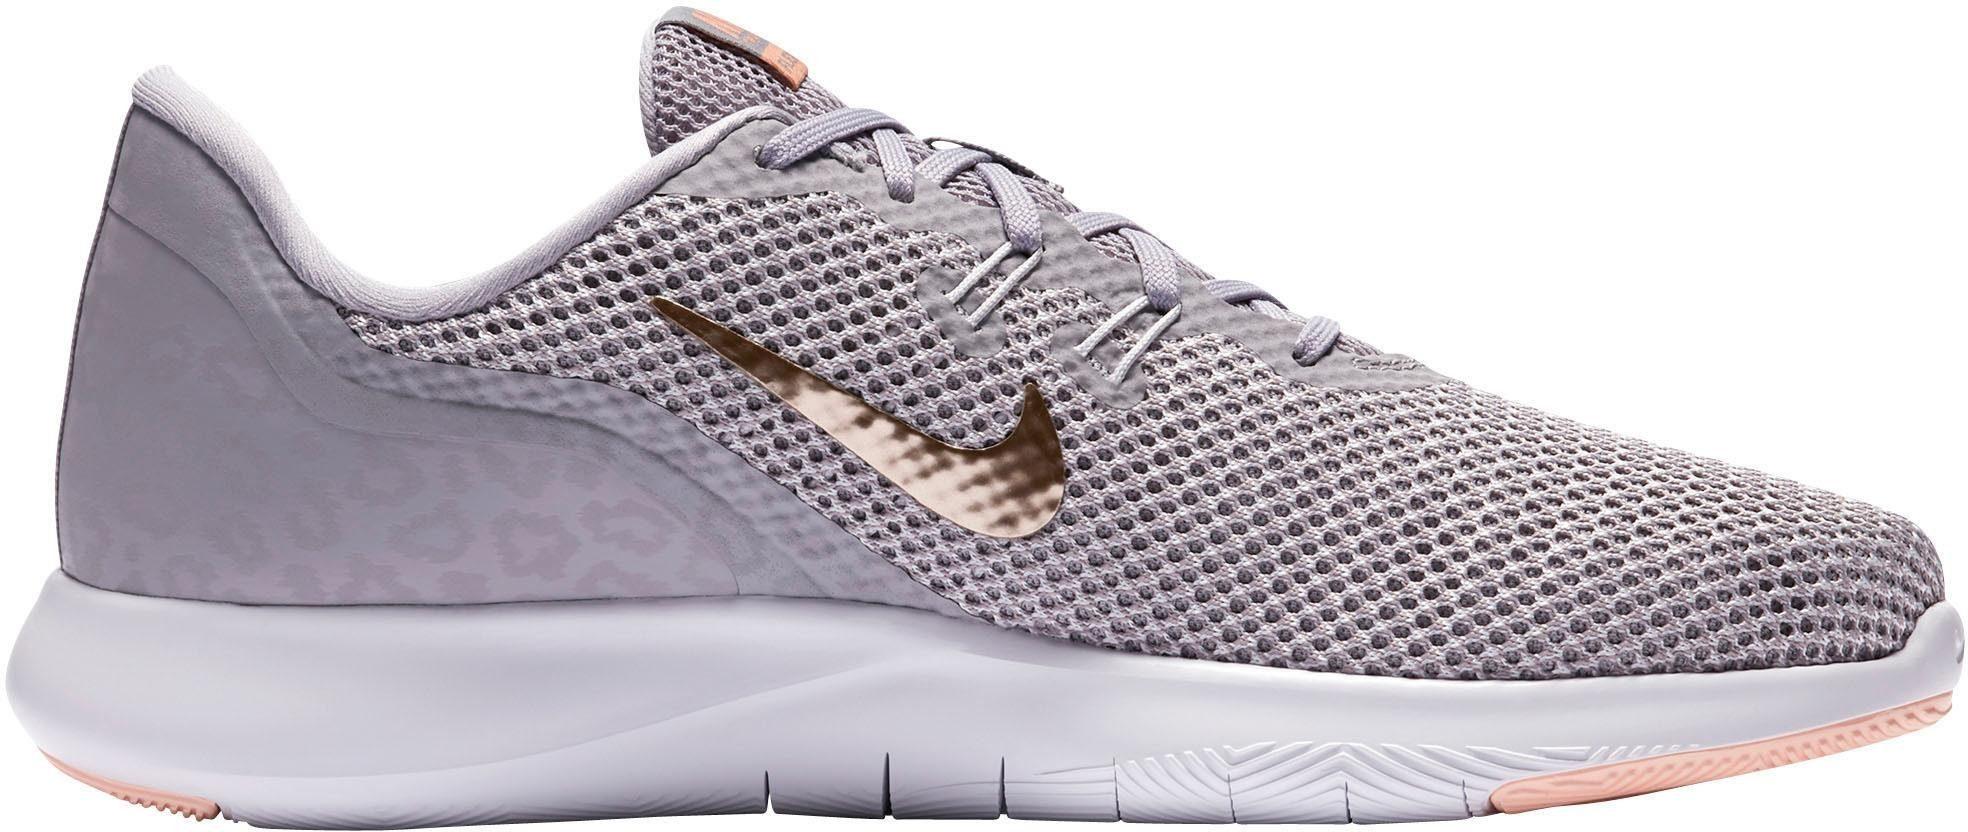 Nike Free Form Trainer Fitnessschuh kaufen  grau-bronzefarben